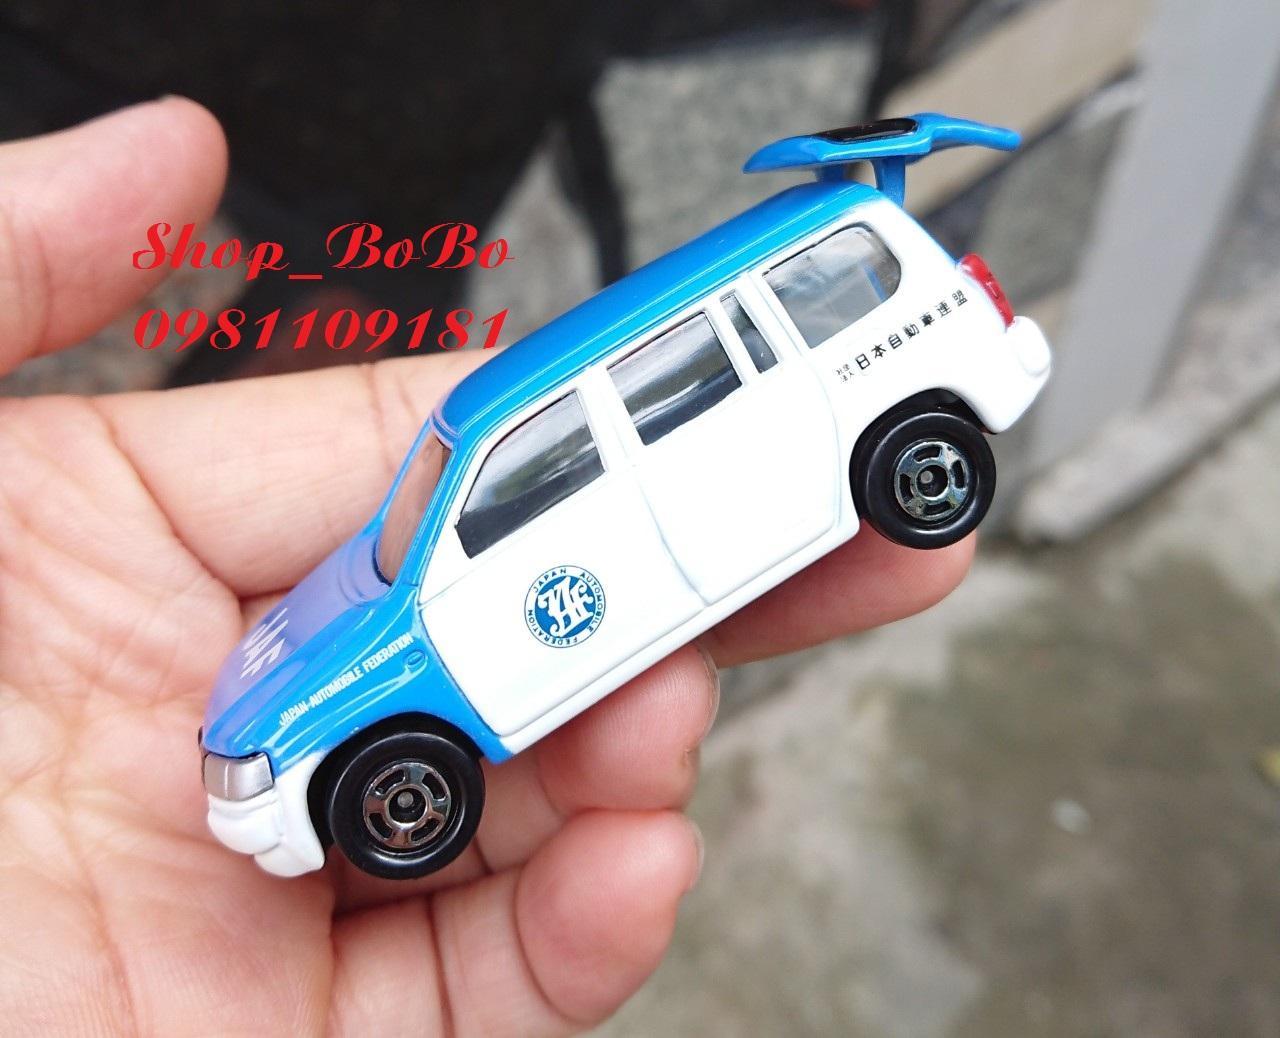 Xe Mô Hình Tomica - Xe Toyota JAF Mở được Cốp Sau Giá Tốt Không Nên Bỏ Qua